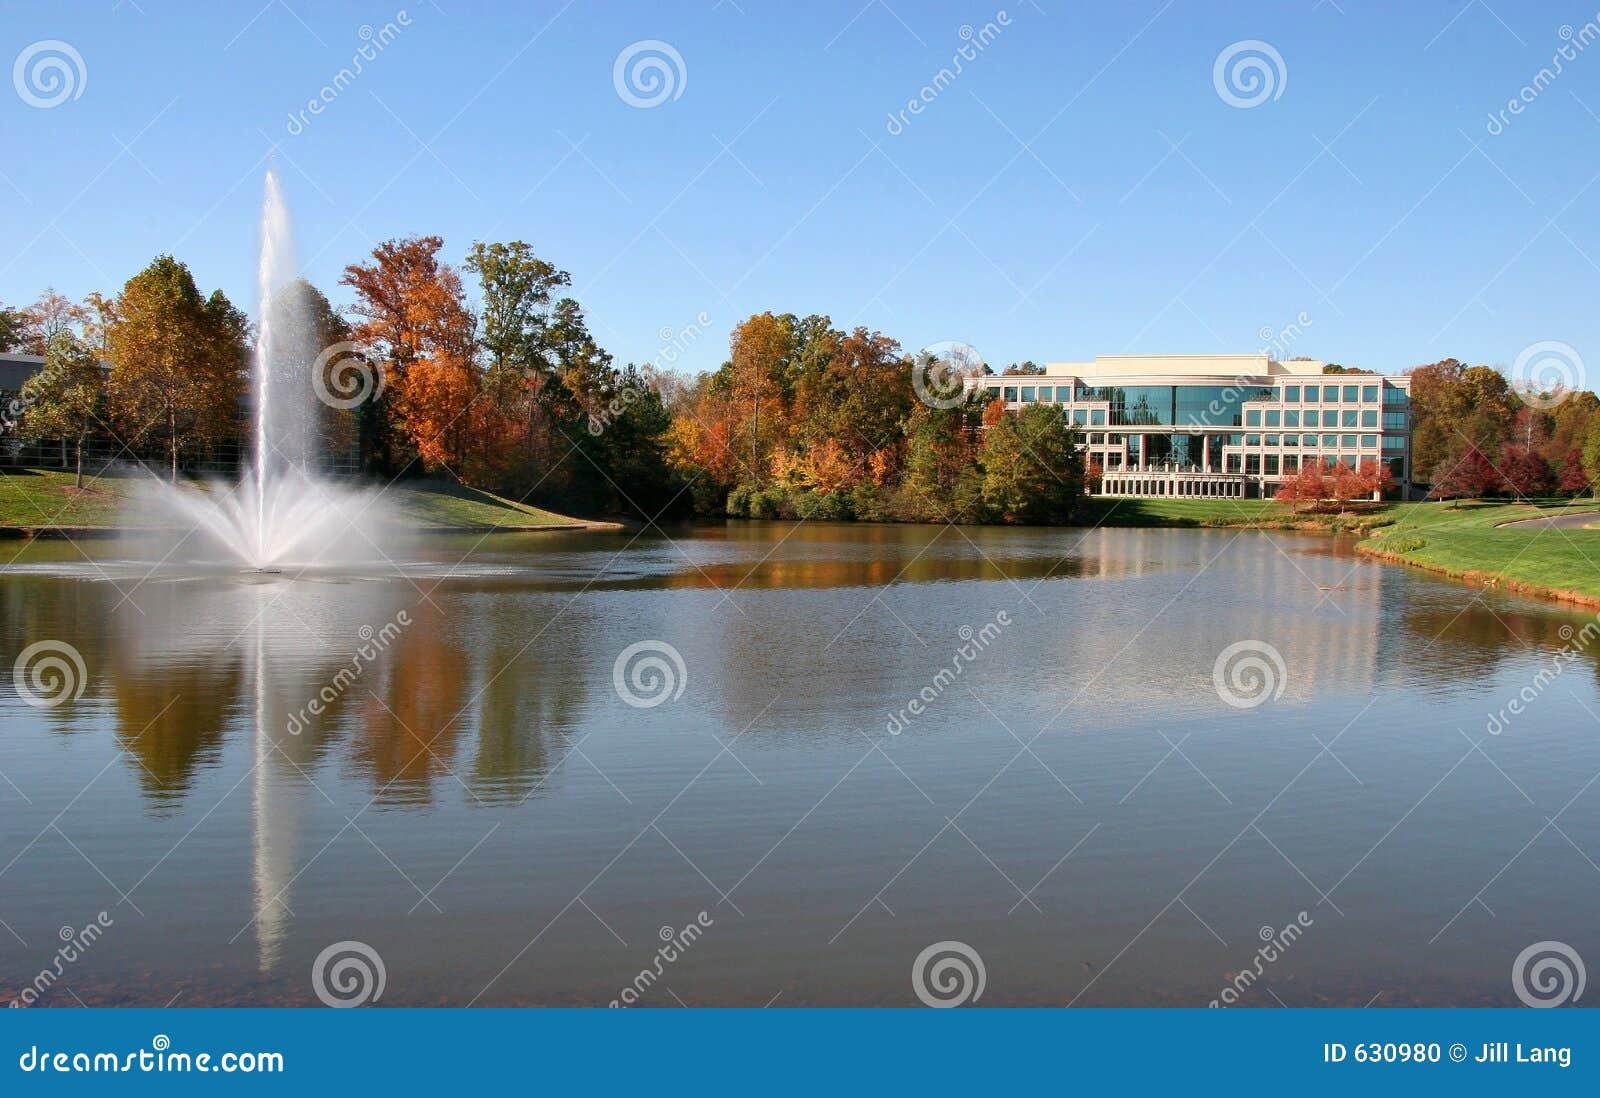 Download офис здания стоковое фото. изображение насчитывающей проектировано - 630980